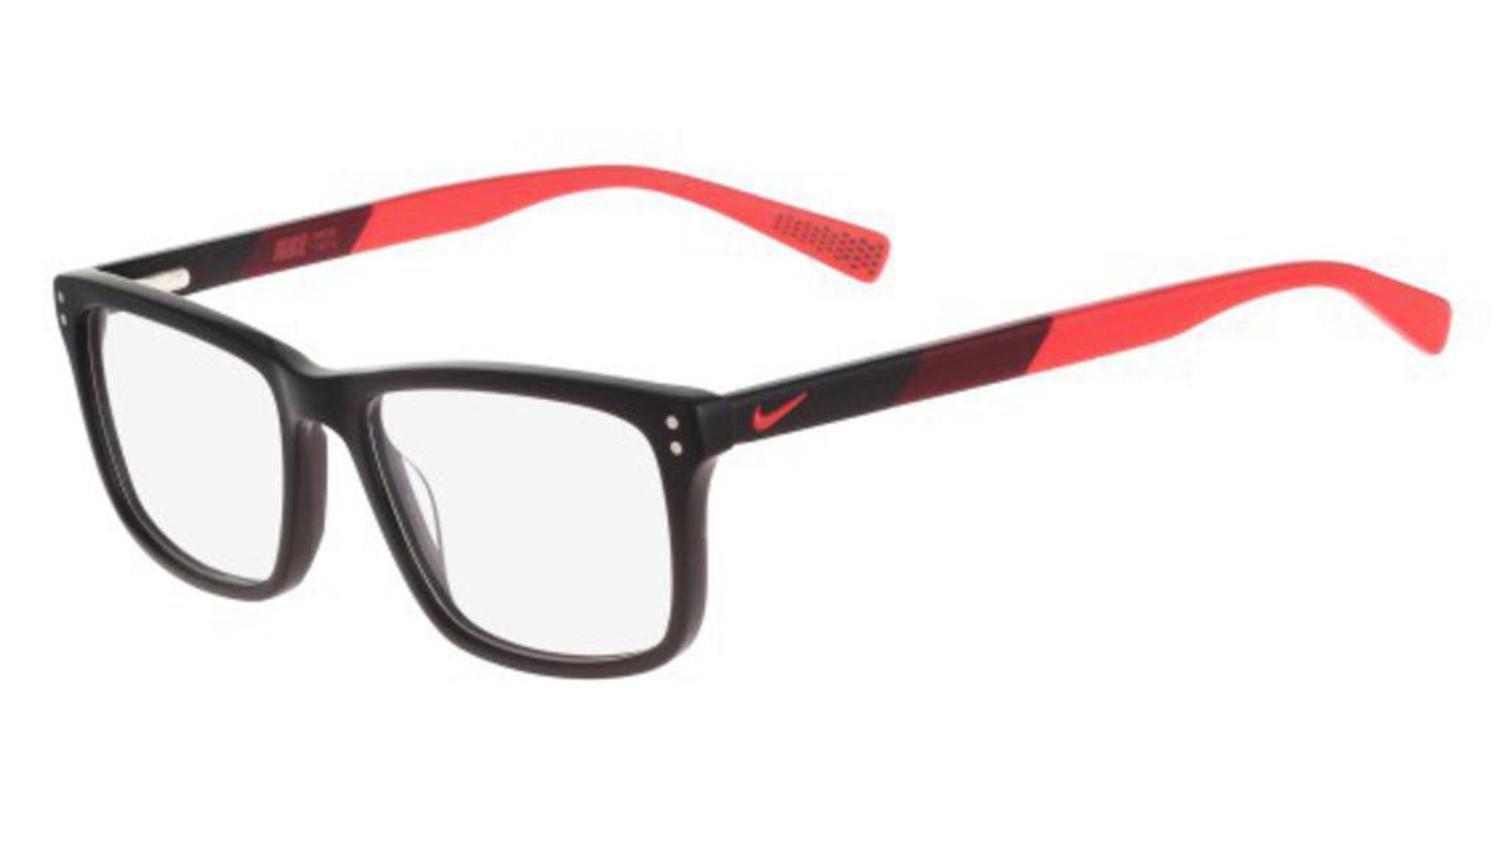 Eyeglasses NIKE 7238 015 BLACK-TEAM RED